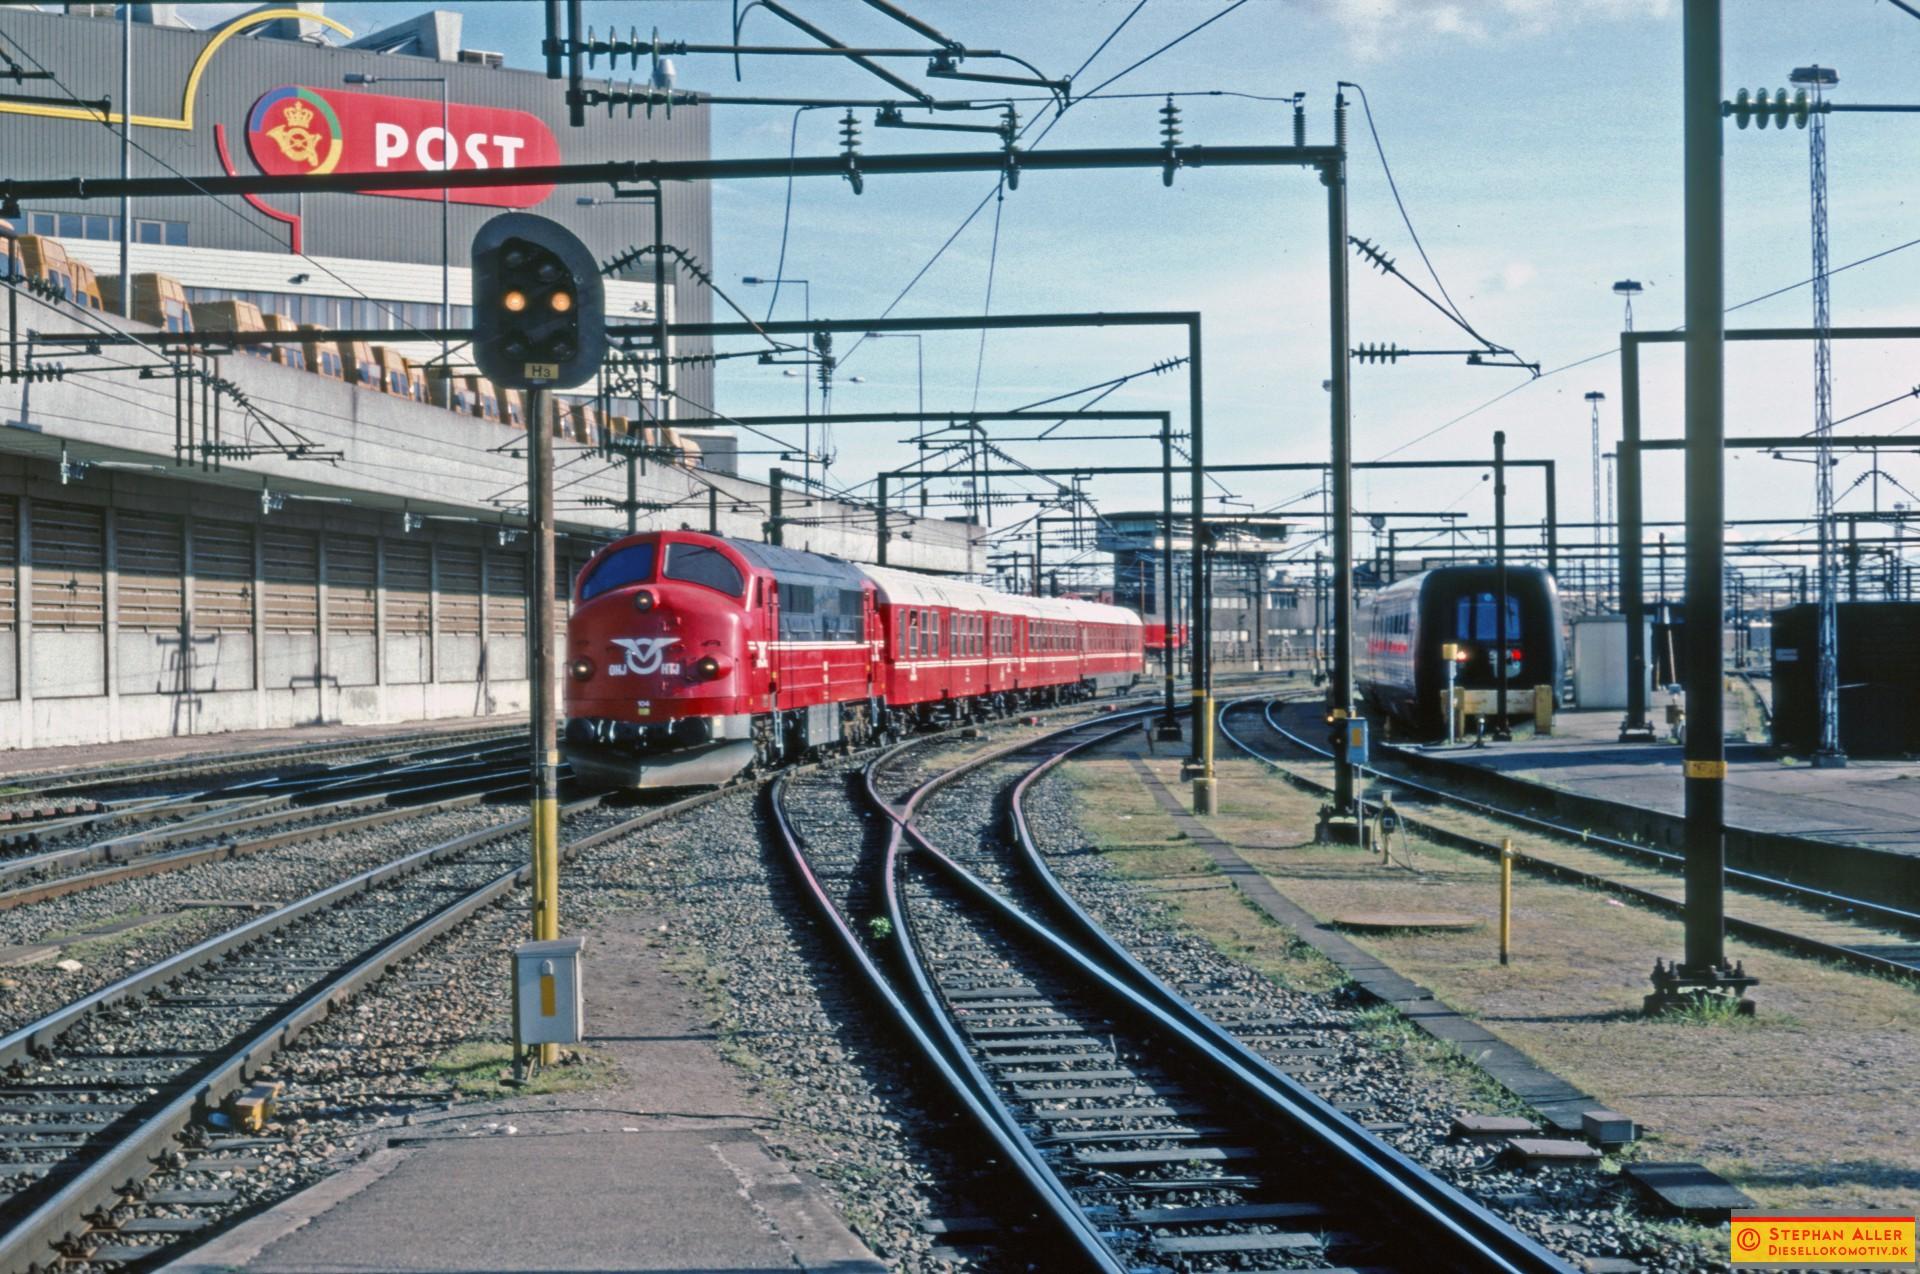 FP0236r